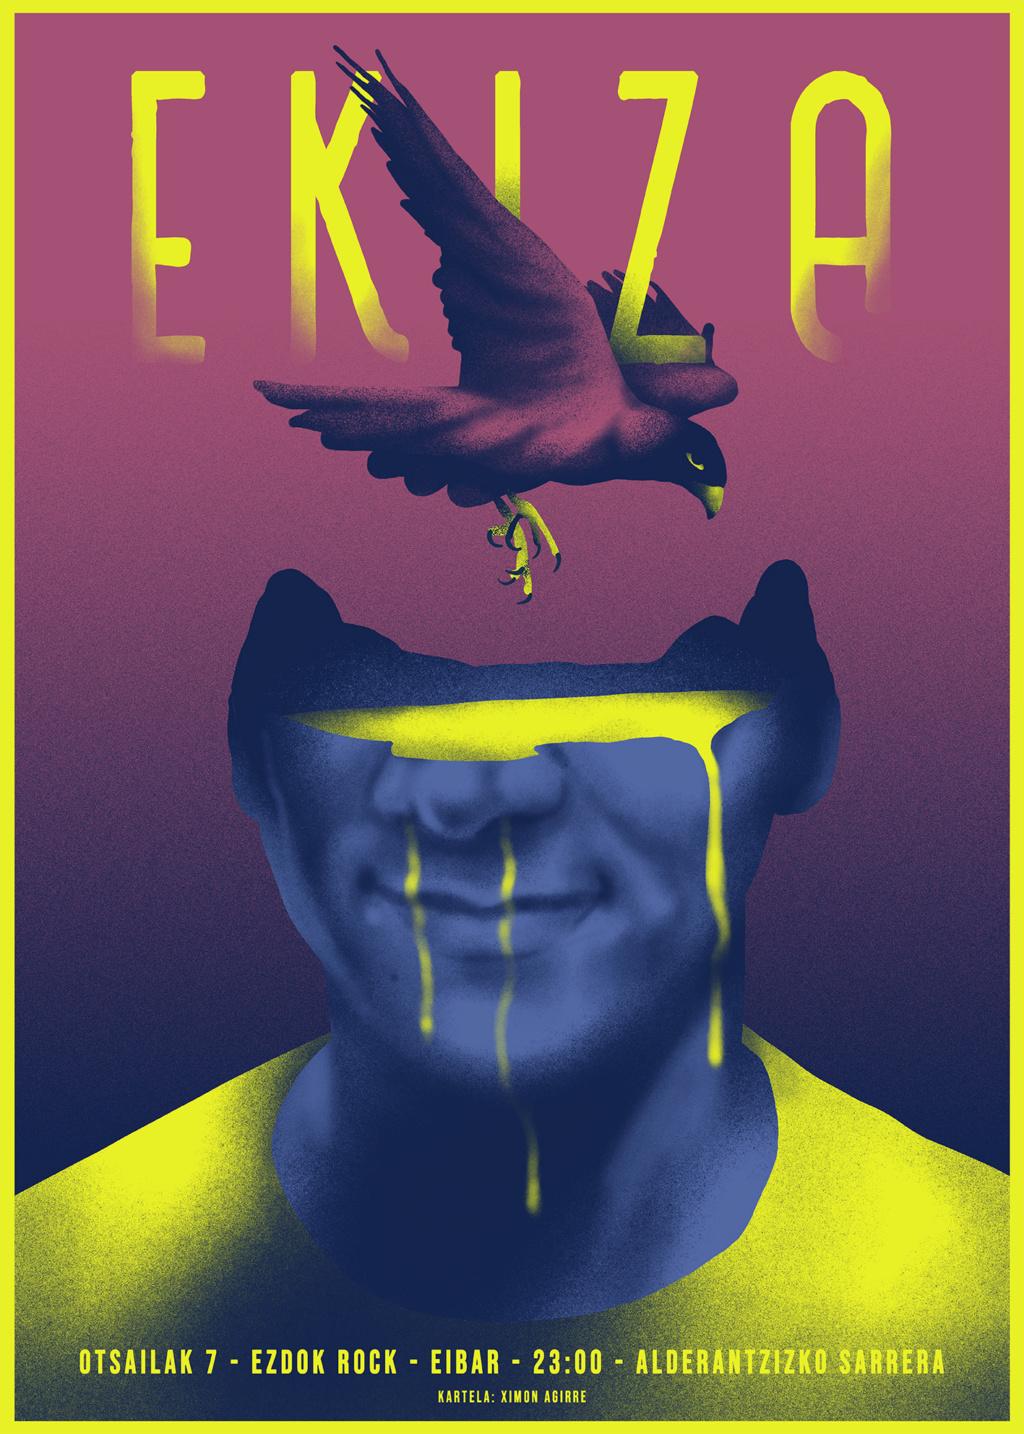 Agenda de giras, conciertos y festivales - Página 2 Ekiza_10